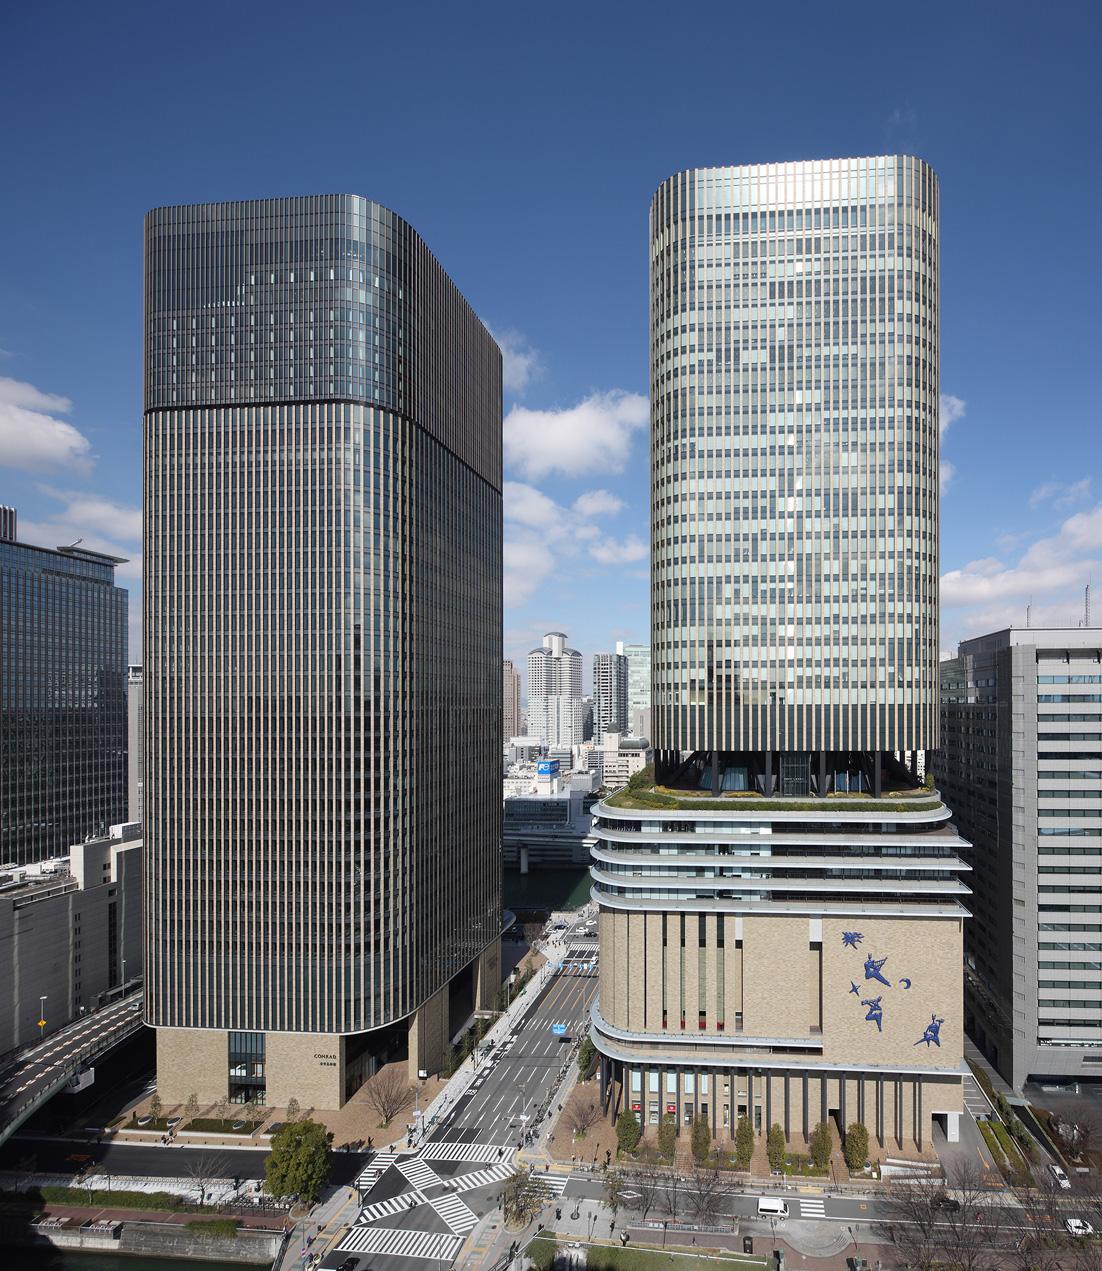 朝日新聞社 中之島フェスティバルタワー